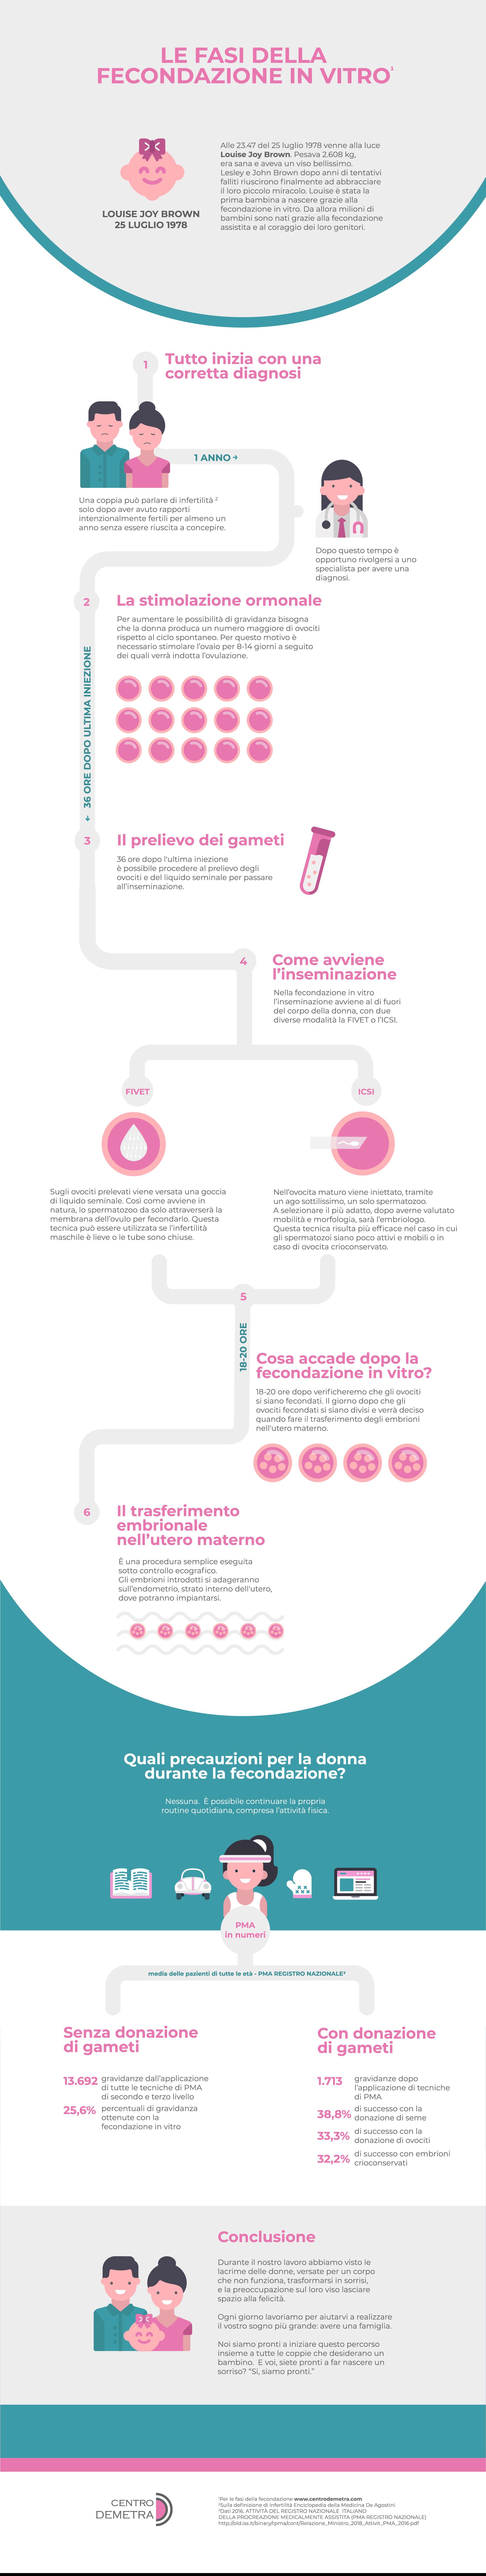 INFOGRAFICA-Fasi della fertilizzazione in vitro - Centro Demetra